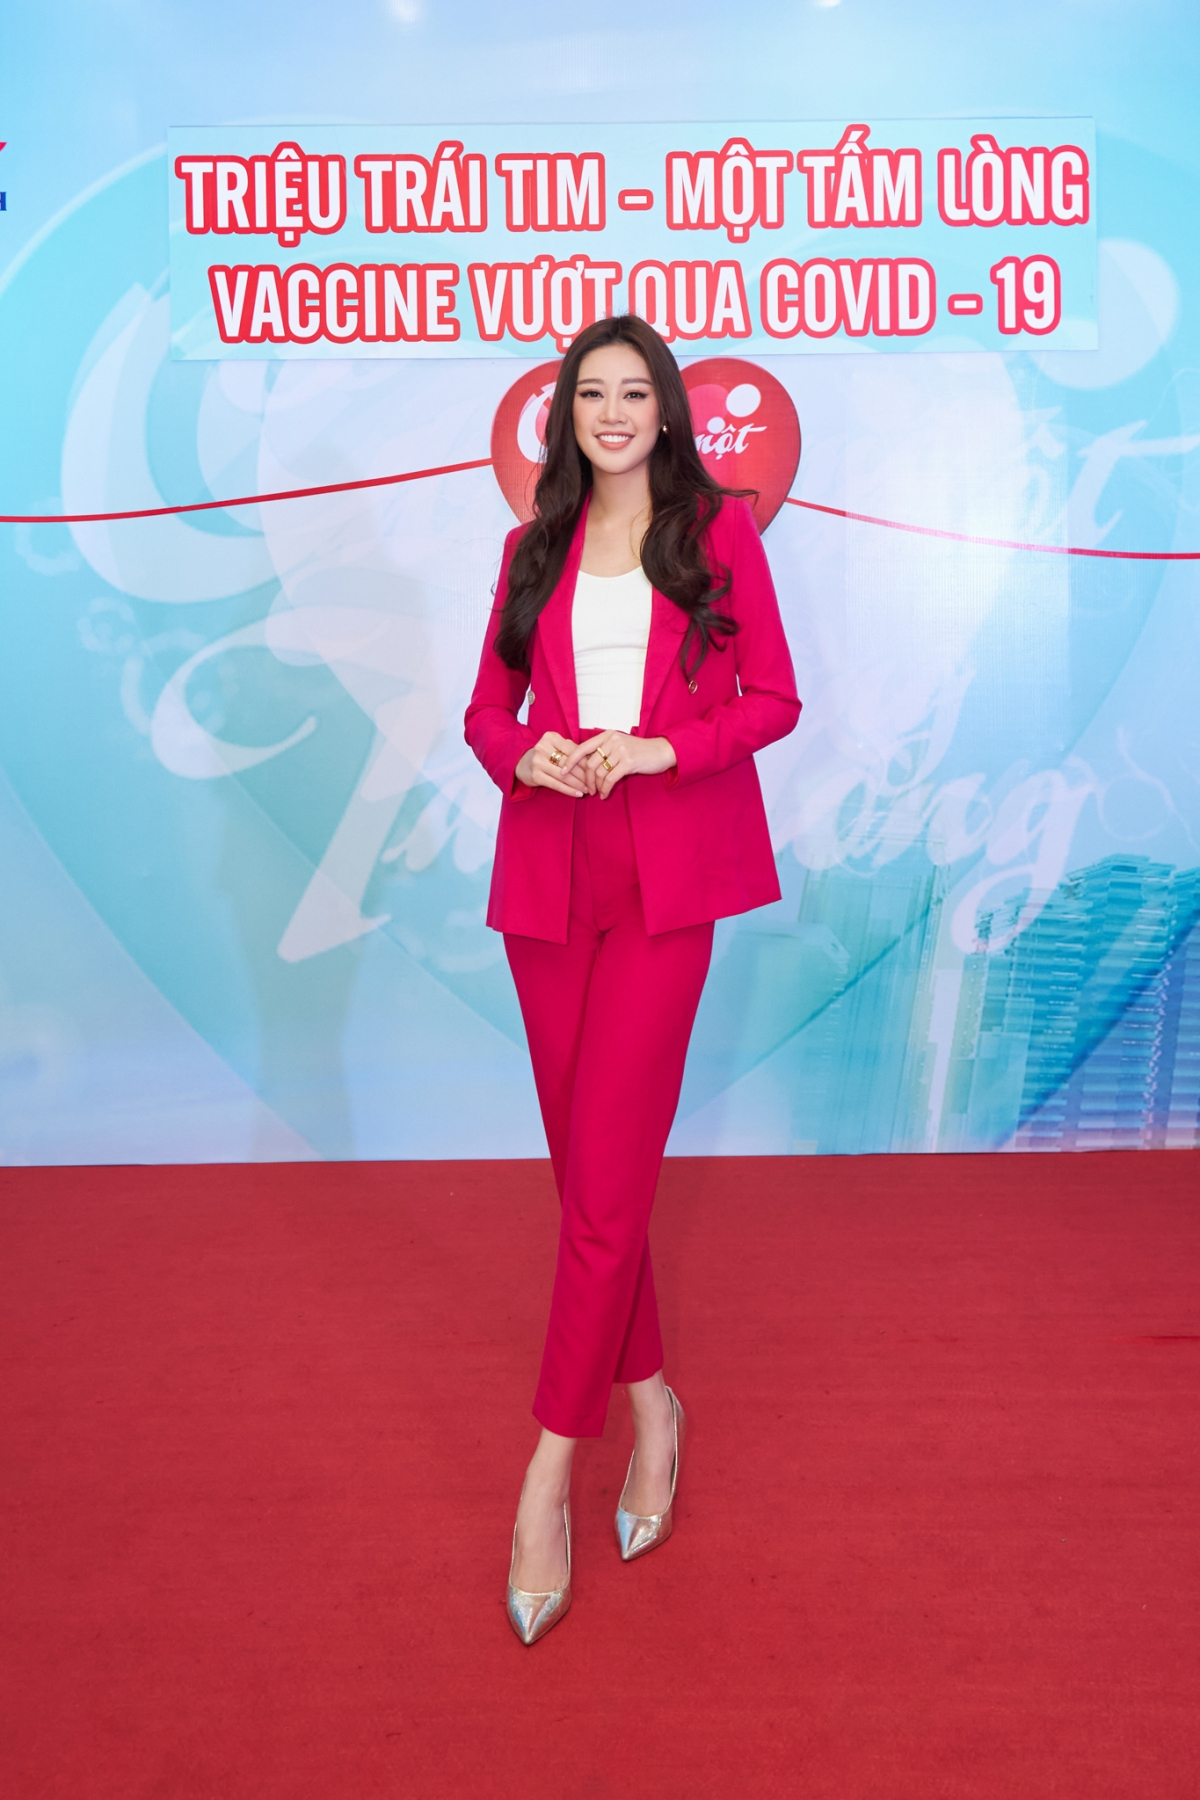 Cô đã trực tiếp đến Đài HTV trao tận tay tấm lòng của mình.